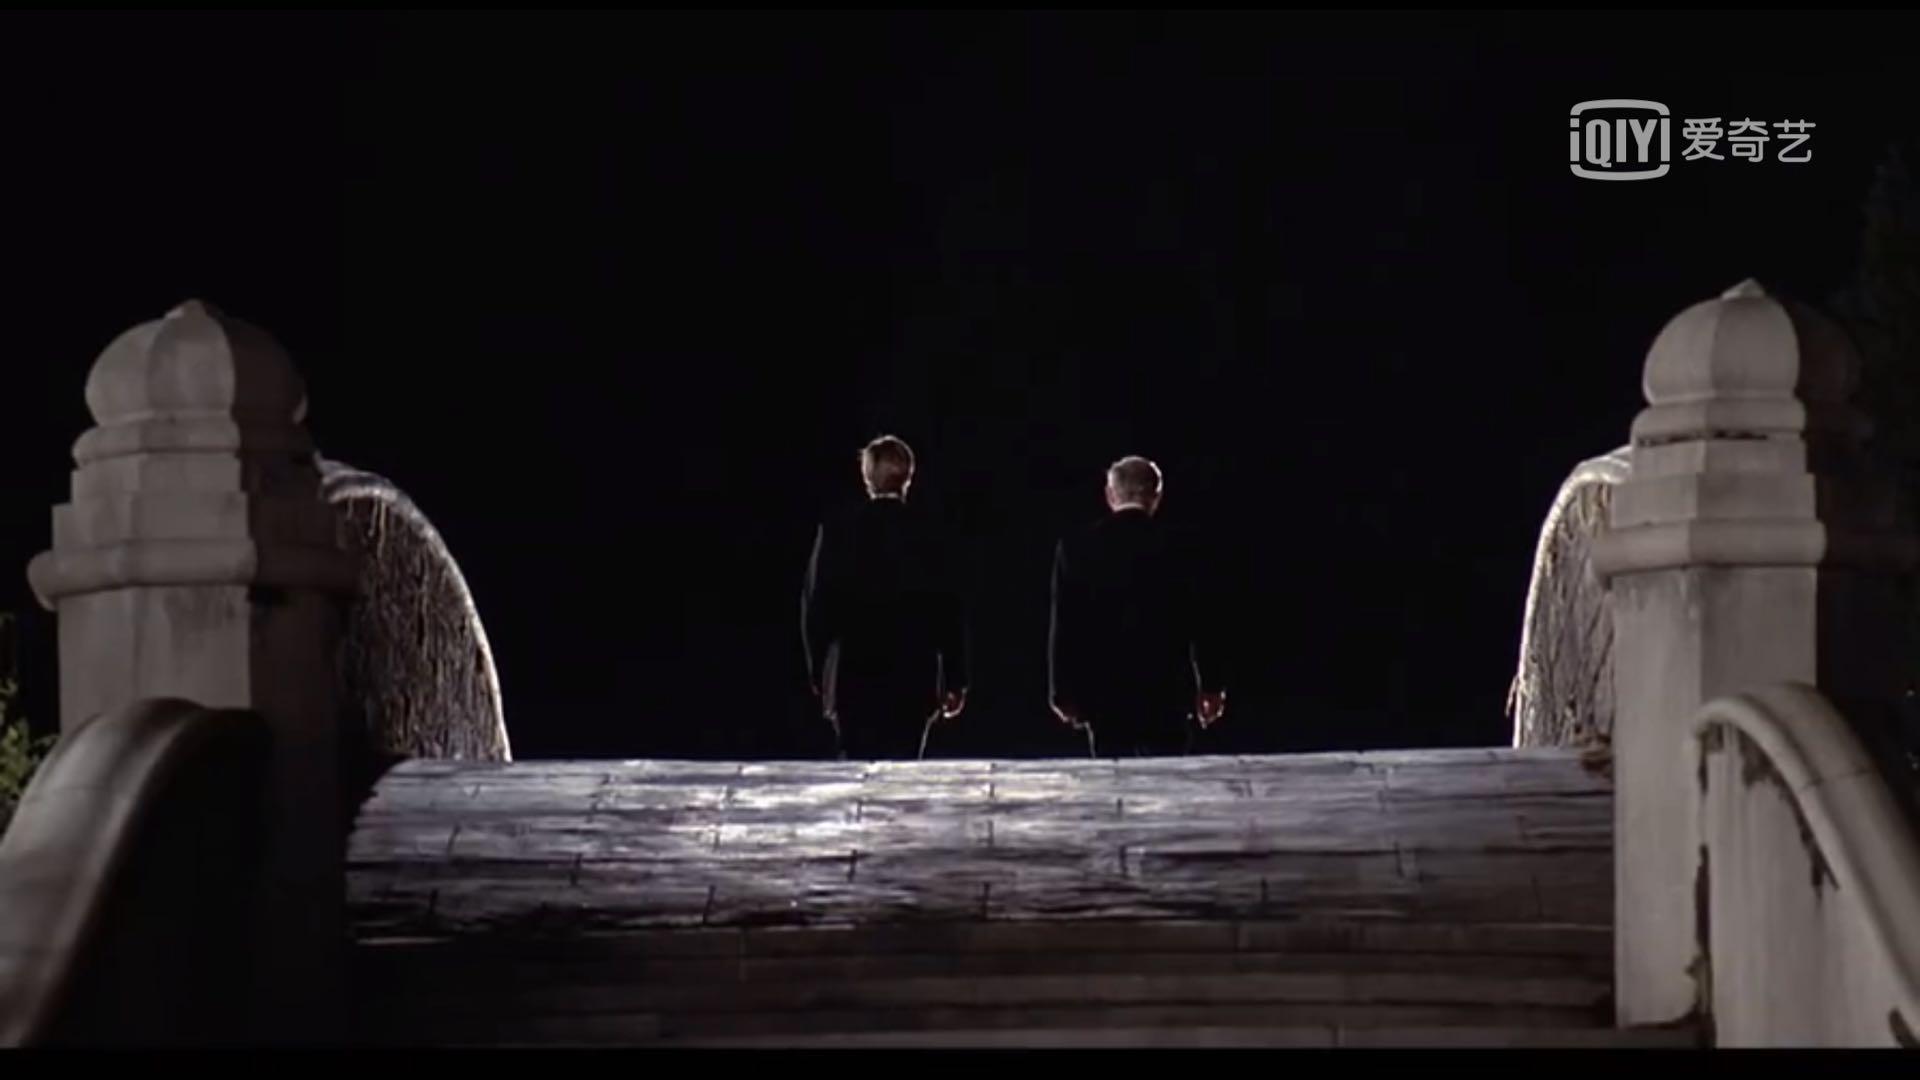 深度影评 《第六感生死缘》:大家都在告别